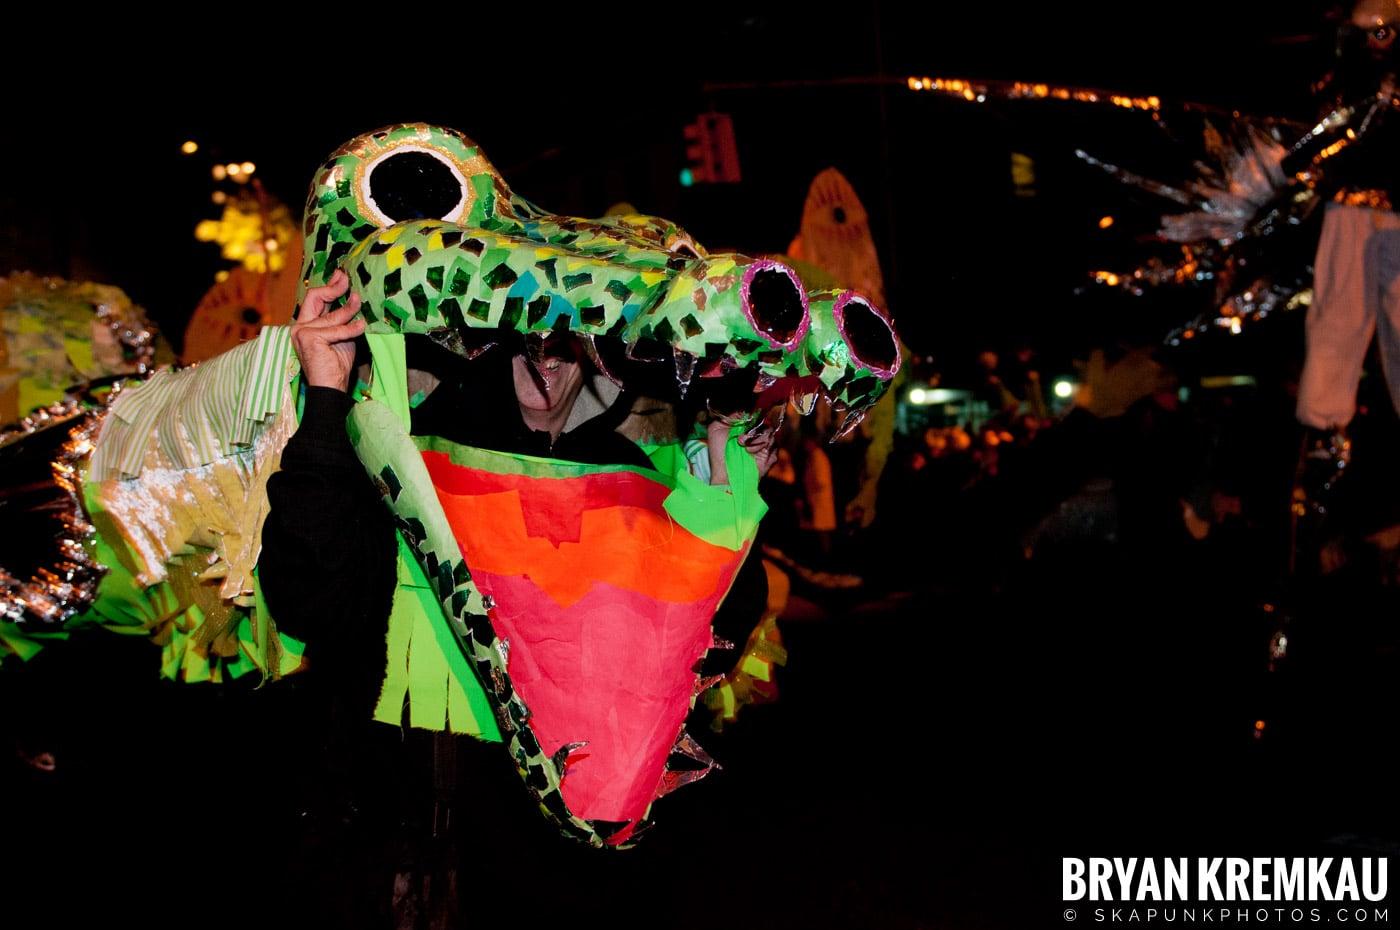 NYC Halloween Parade 2011 @ New York, NY - 10.31.11 (89)